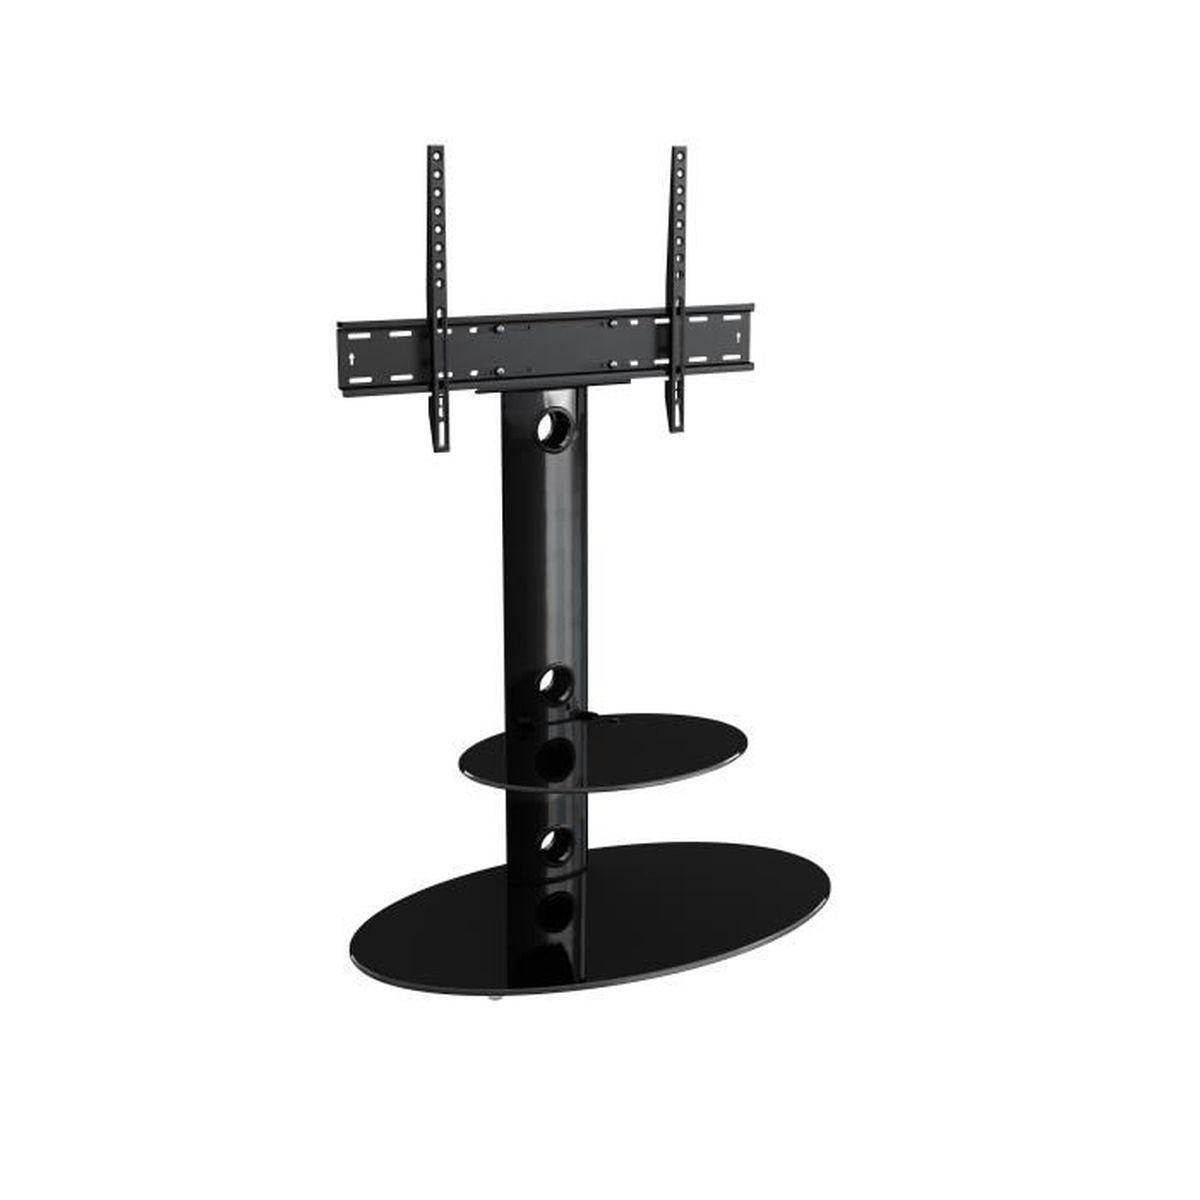 Hauteur Meuble Tele avf lugano meuble tv cantilever avec support intégré, écrans